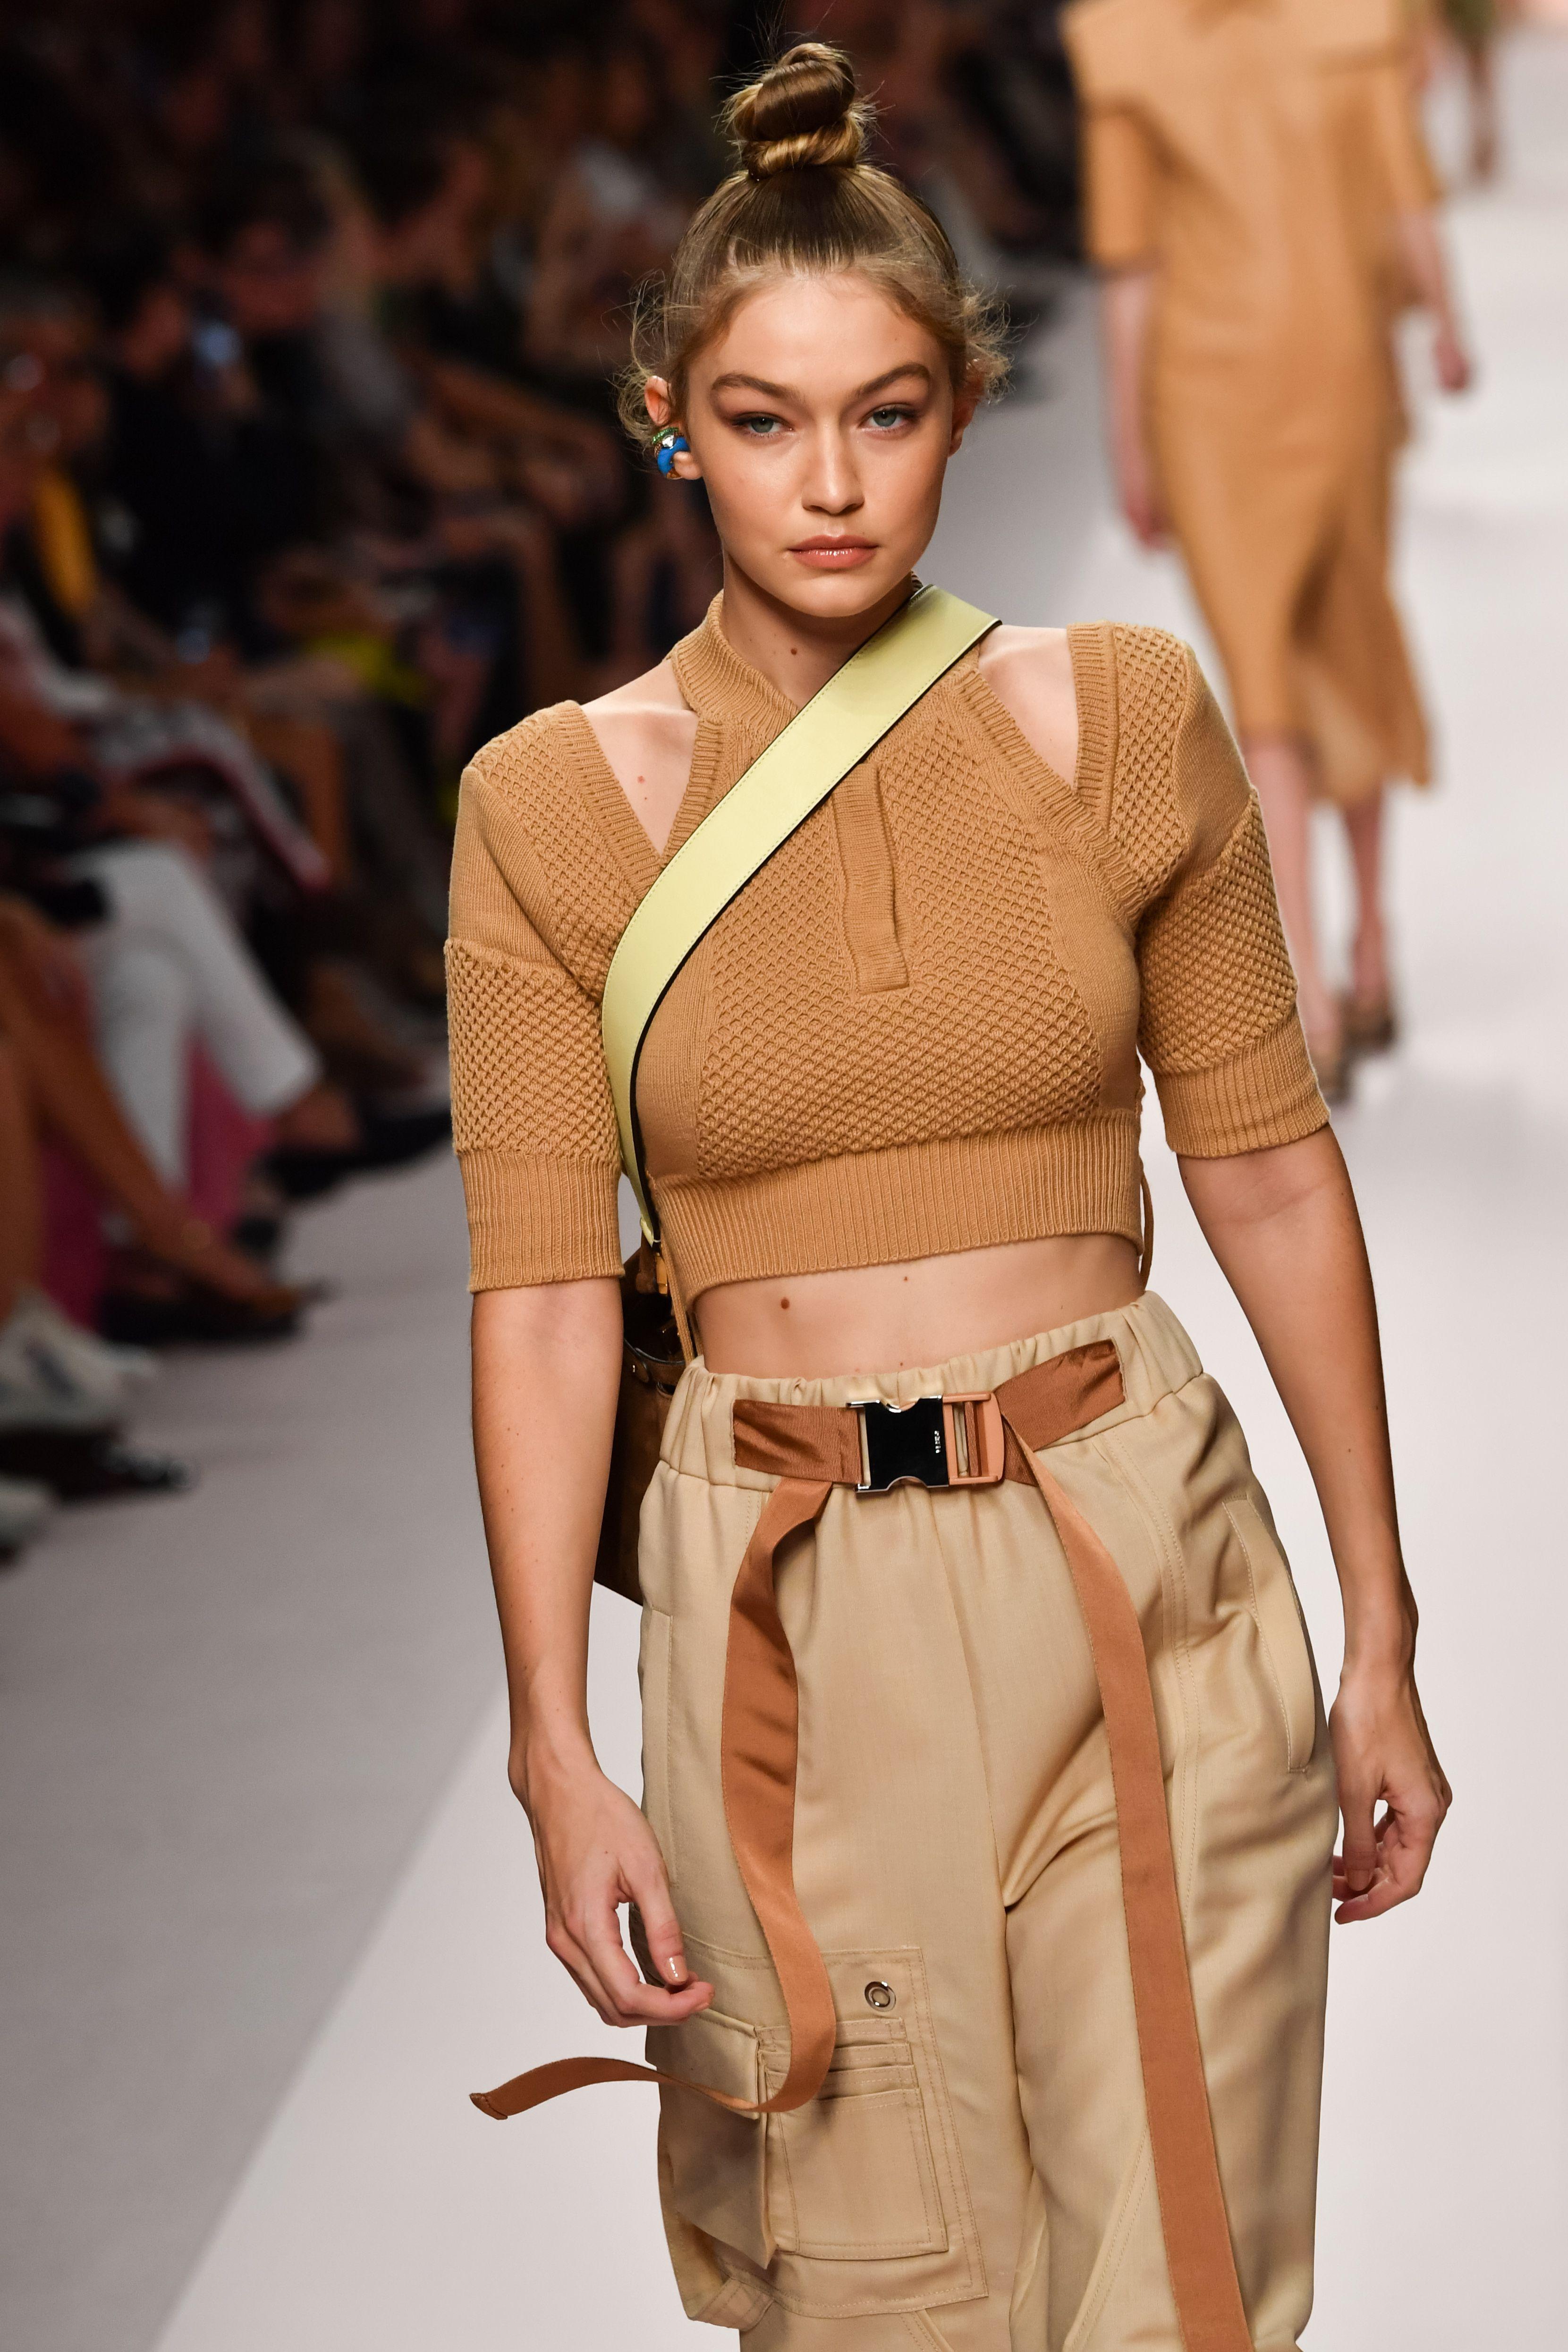 Trender 2019 - workwear